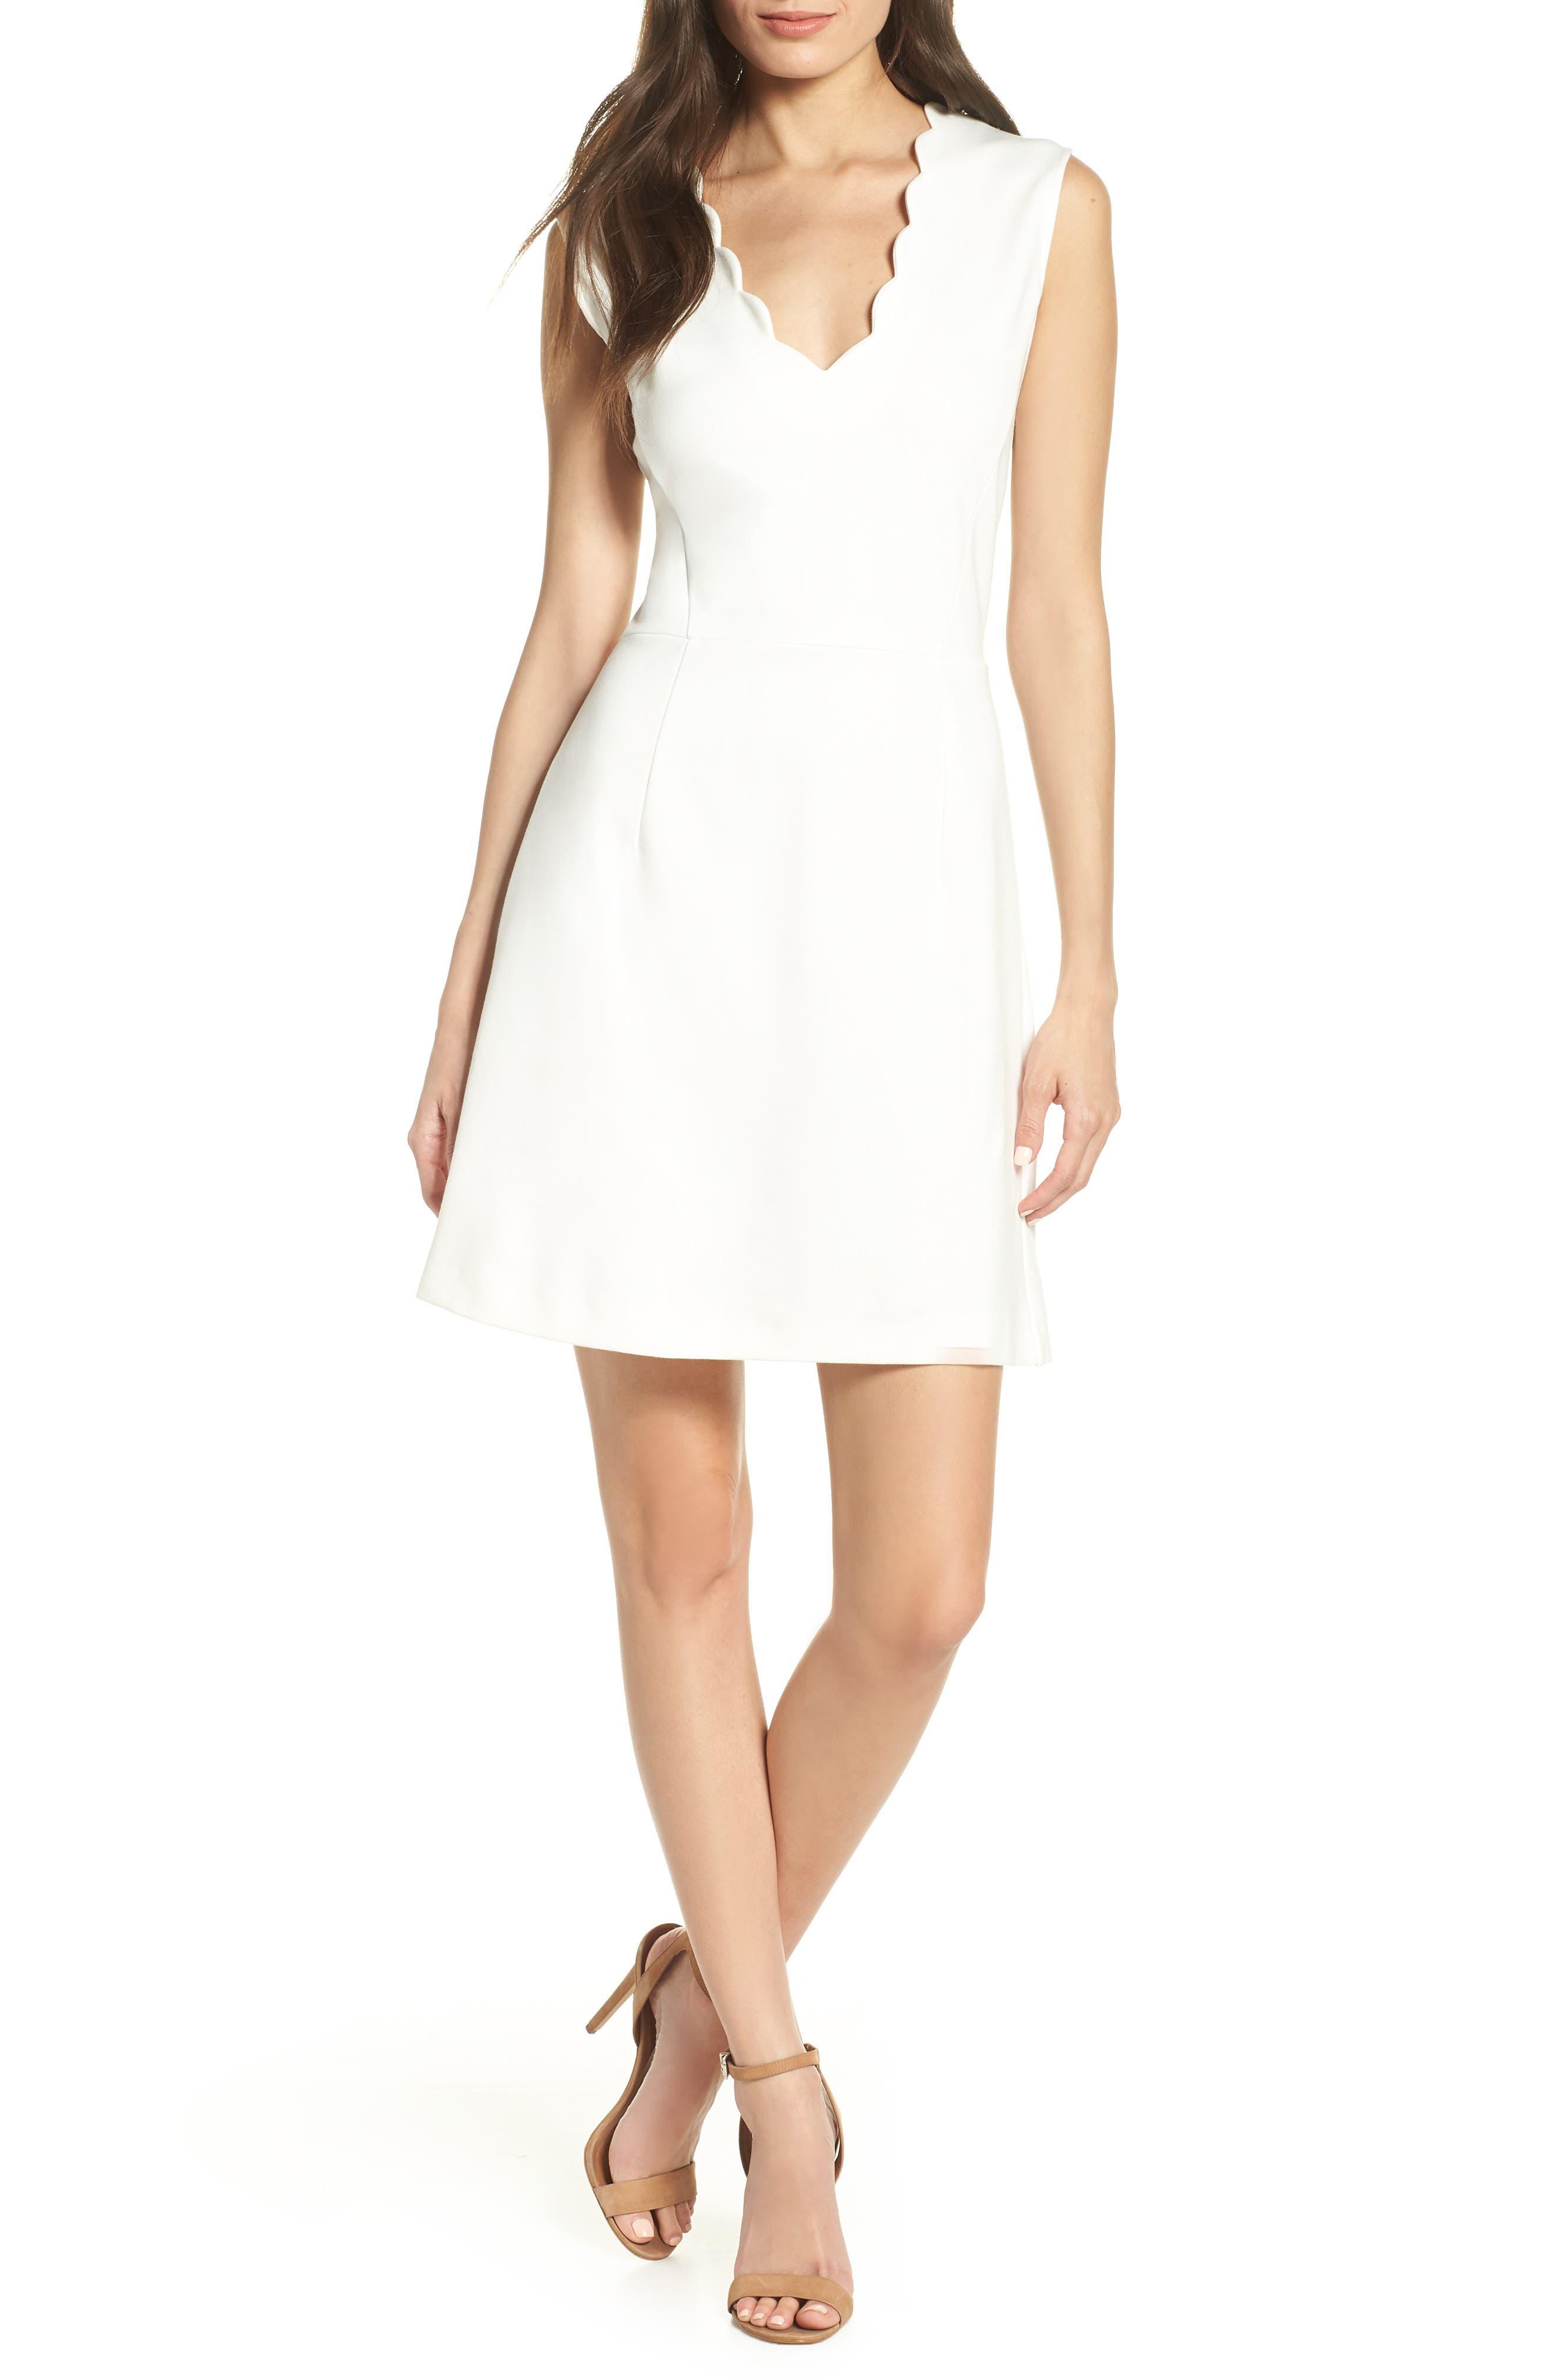 French Connection Lula Sundae Scalloped Sheath Dress, White